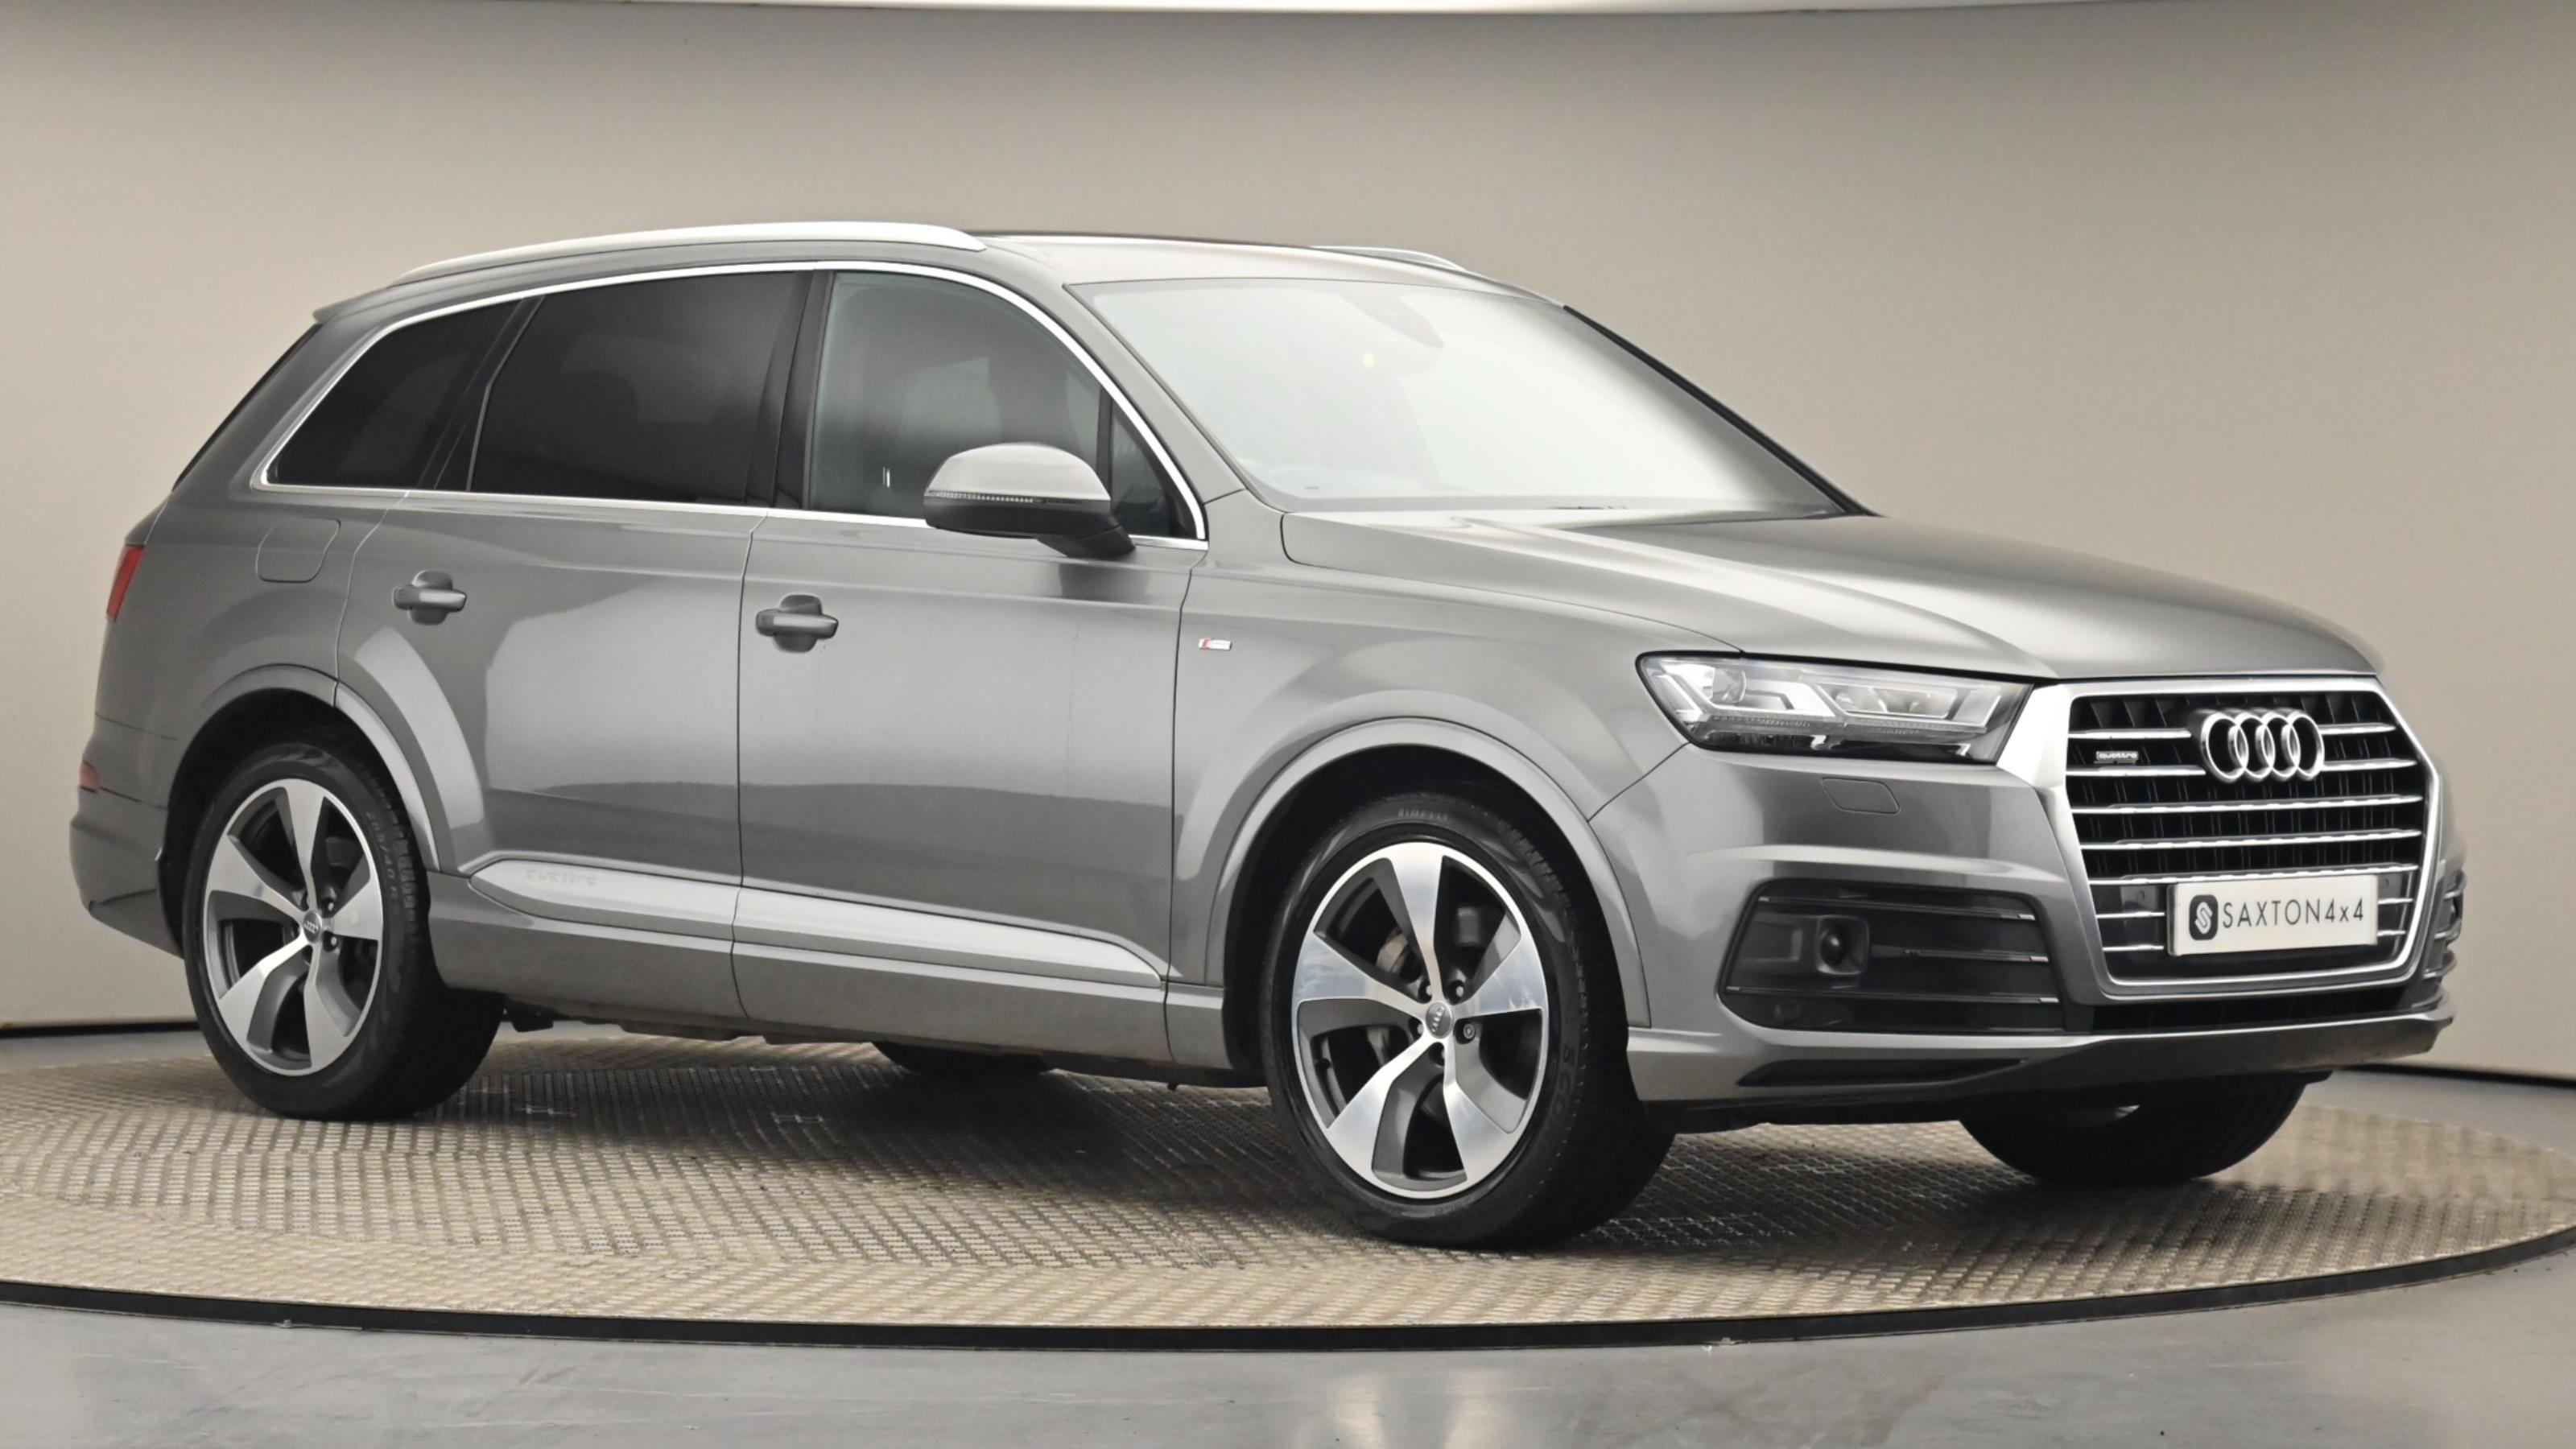 Used 2015 Audi Q7 3.0 TDI Quattro S Line 5dr Tip Auto at Saxton4x4